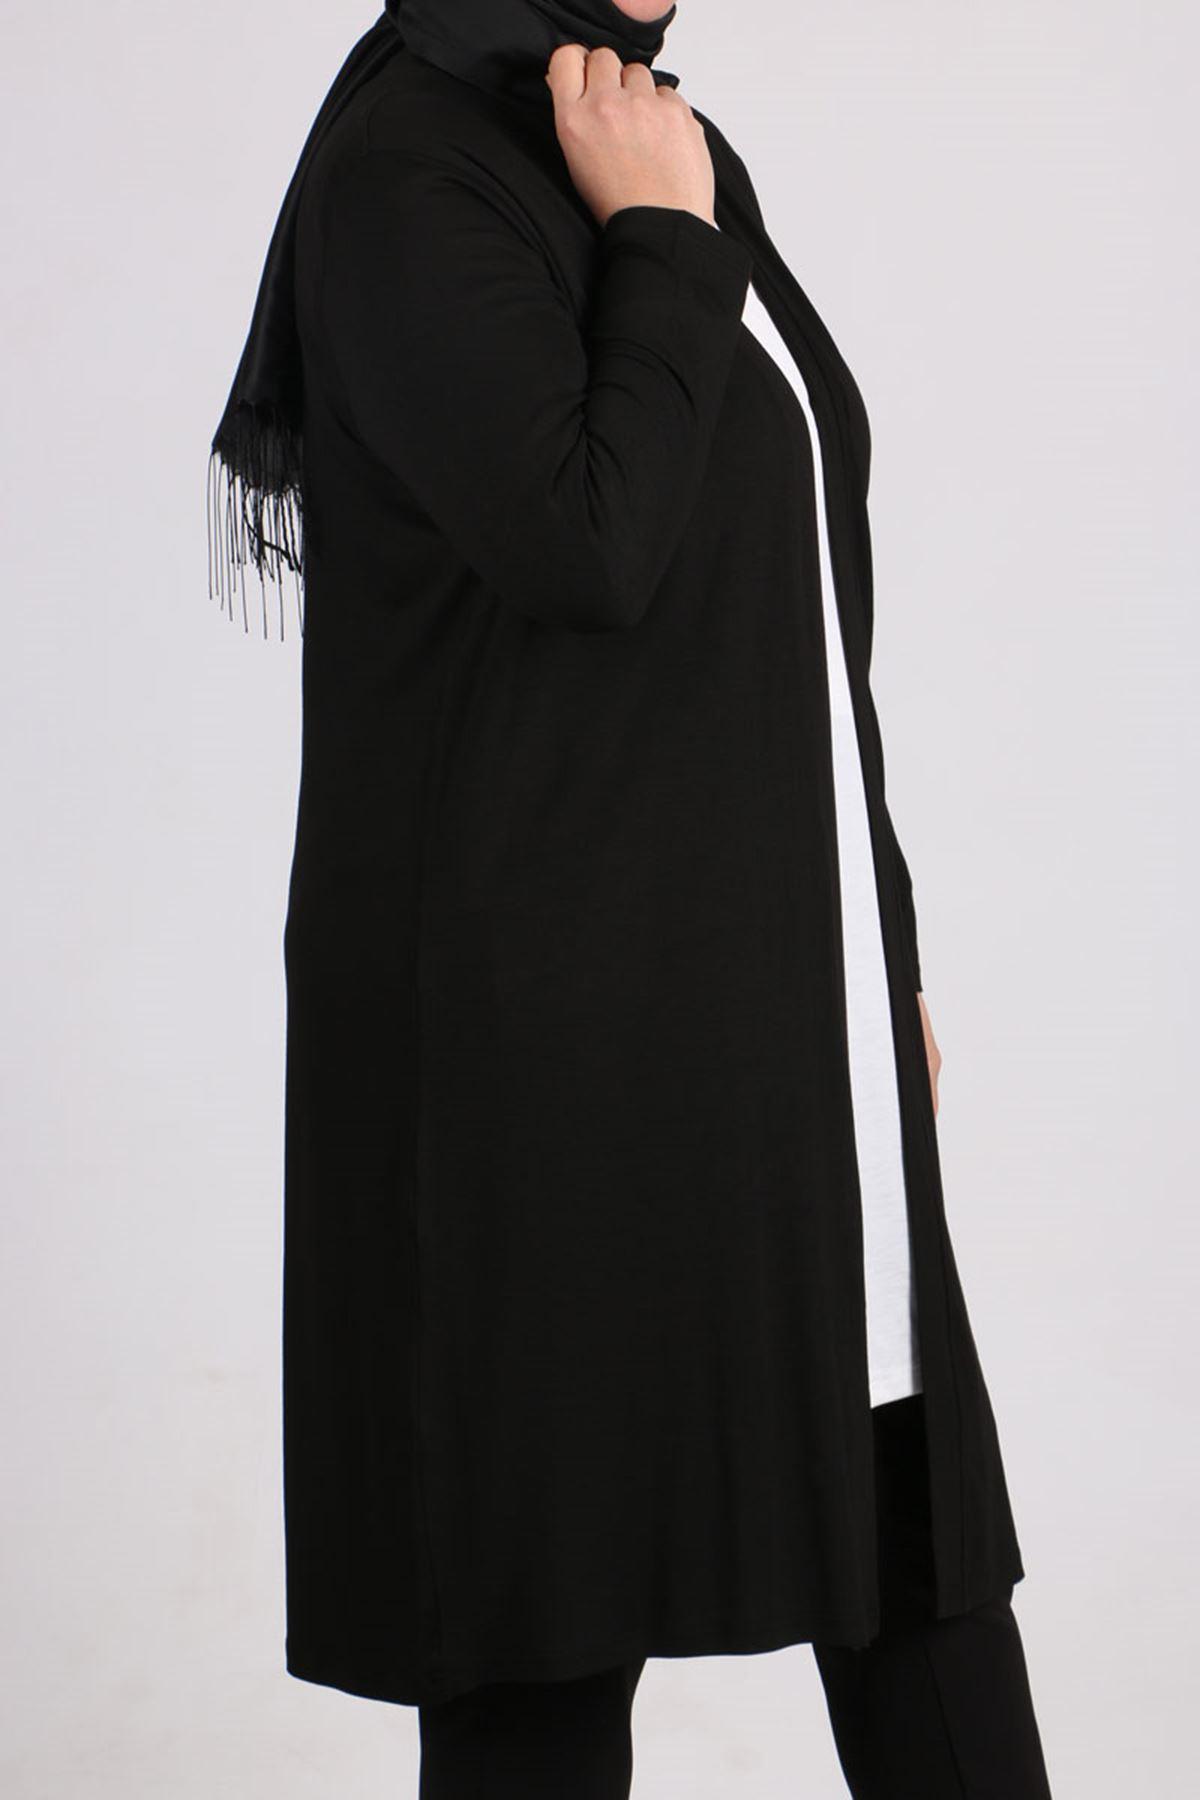 3013 Büyük Beden Penye Ceket - Siyah